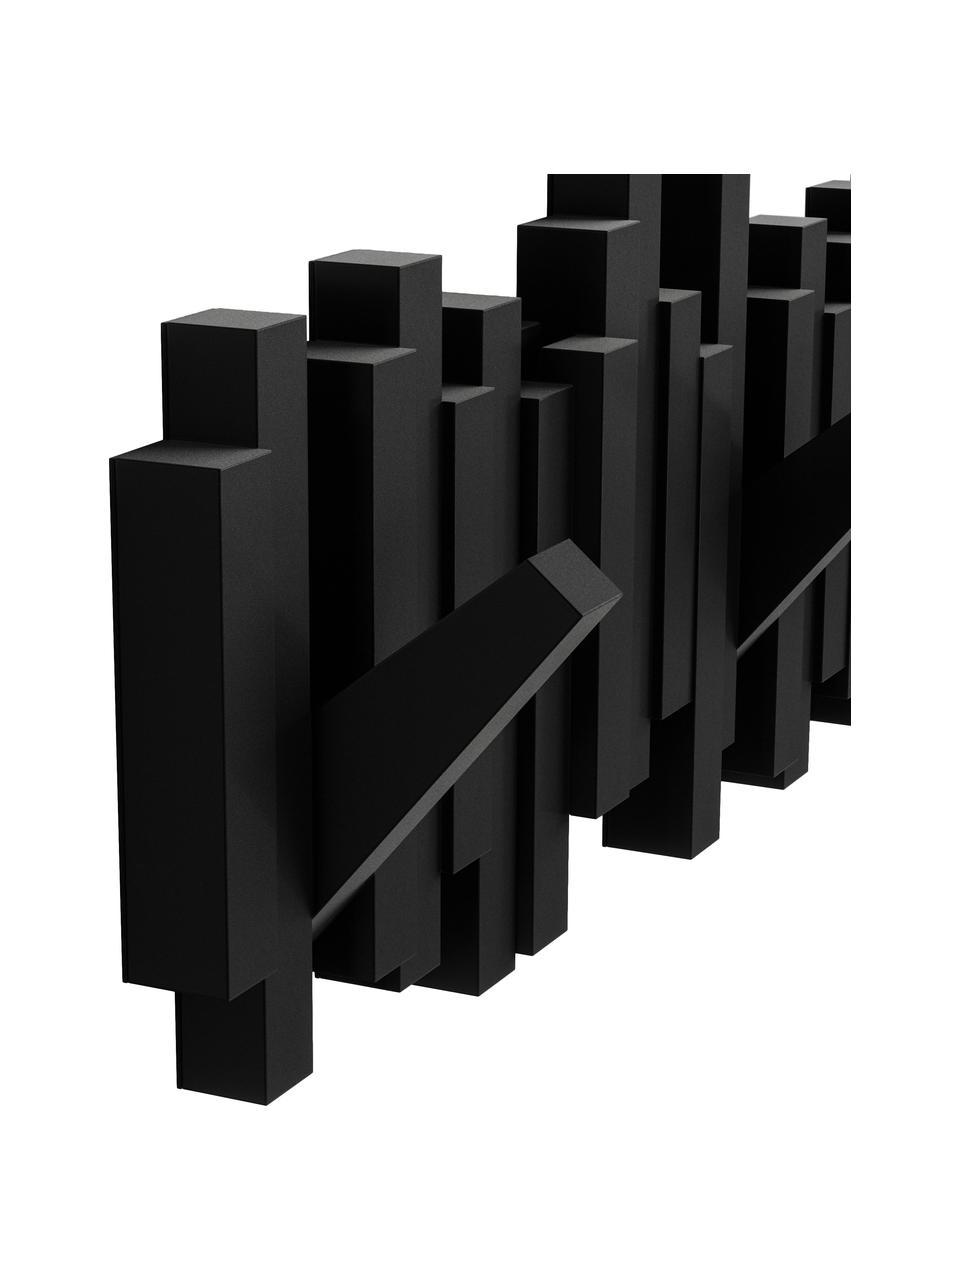 Wieszak ścienny Sticks, Tworzywo sztuczne, Czarny, S 48 x W 18 cm